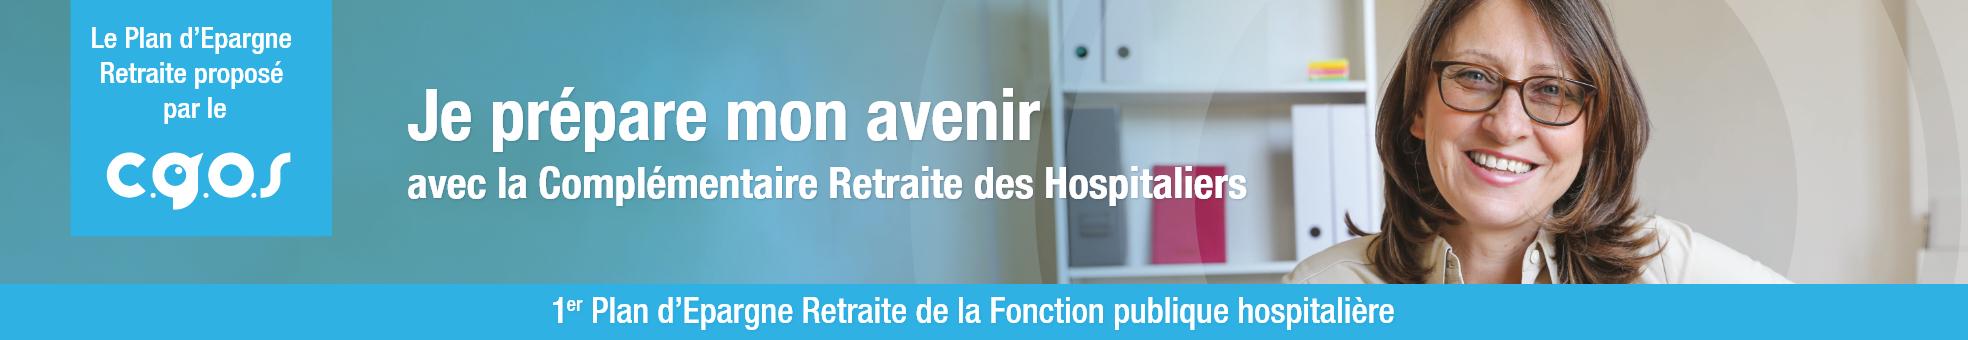 Préparer sa retraite Complémentaire Retraite des Hospitaliers